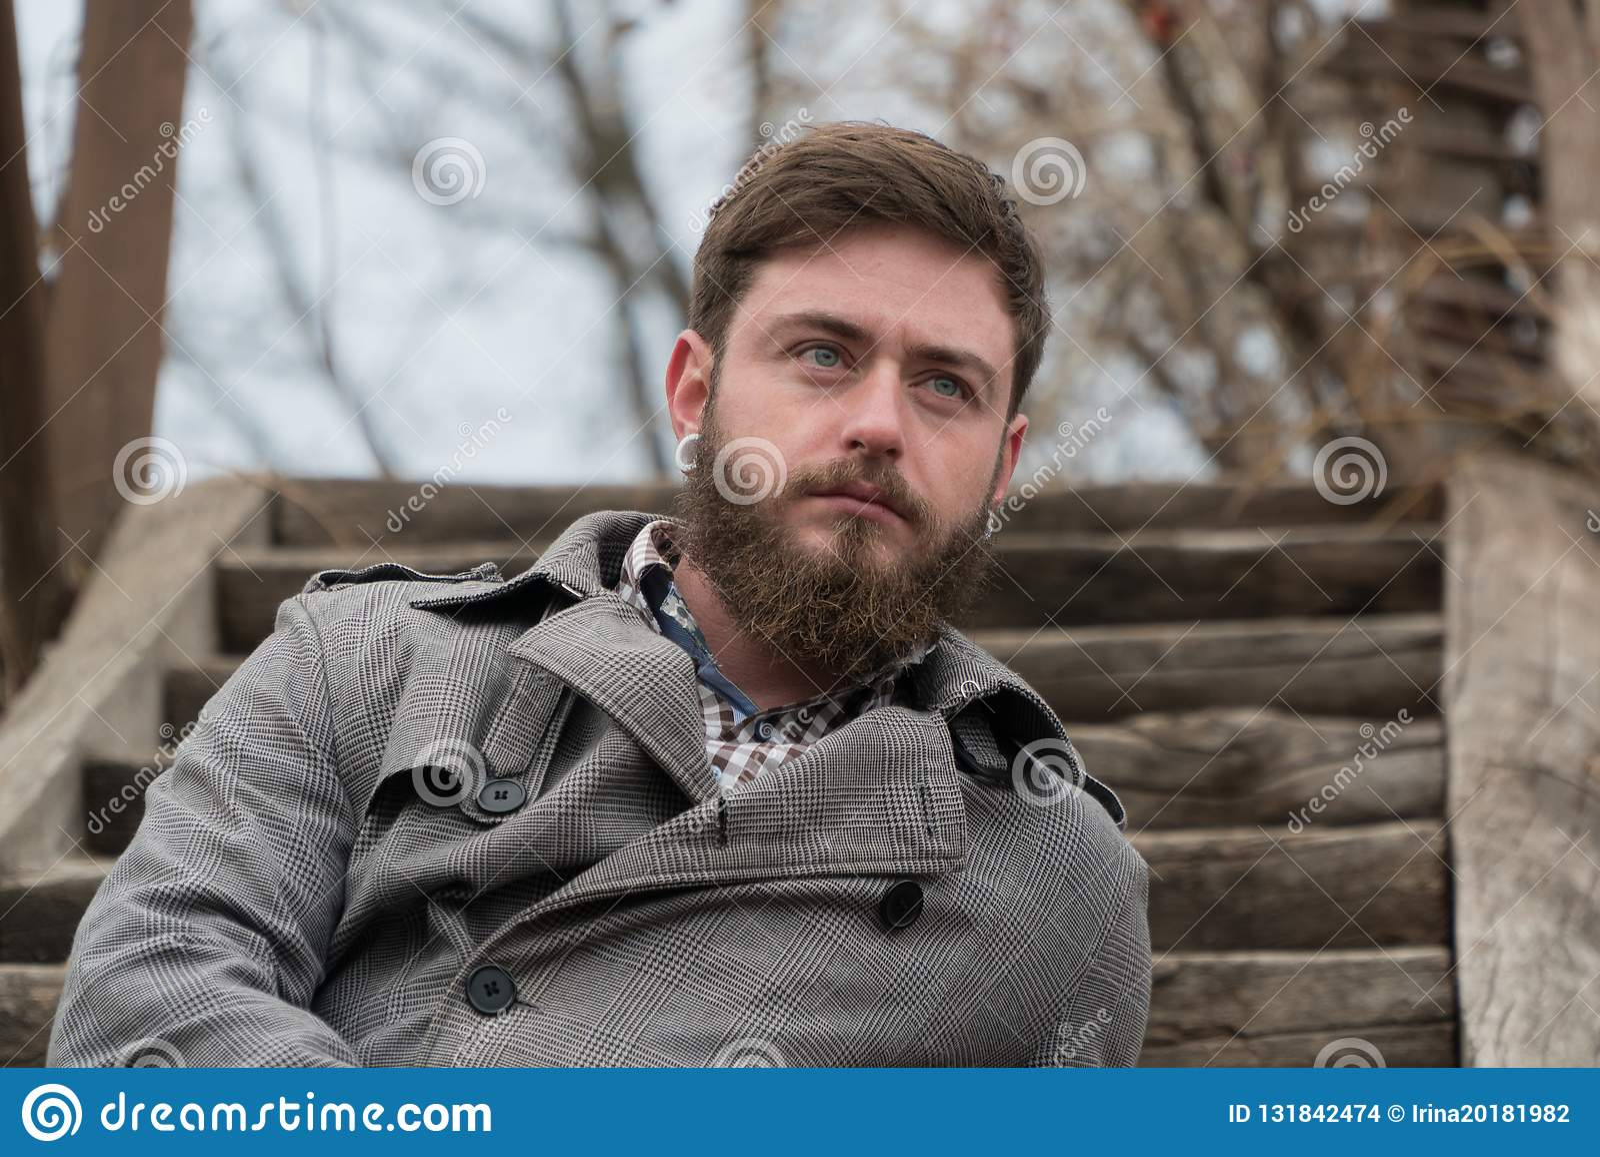 Beautiful man. man with beard. sit autumn Park